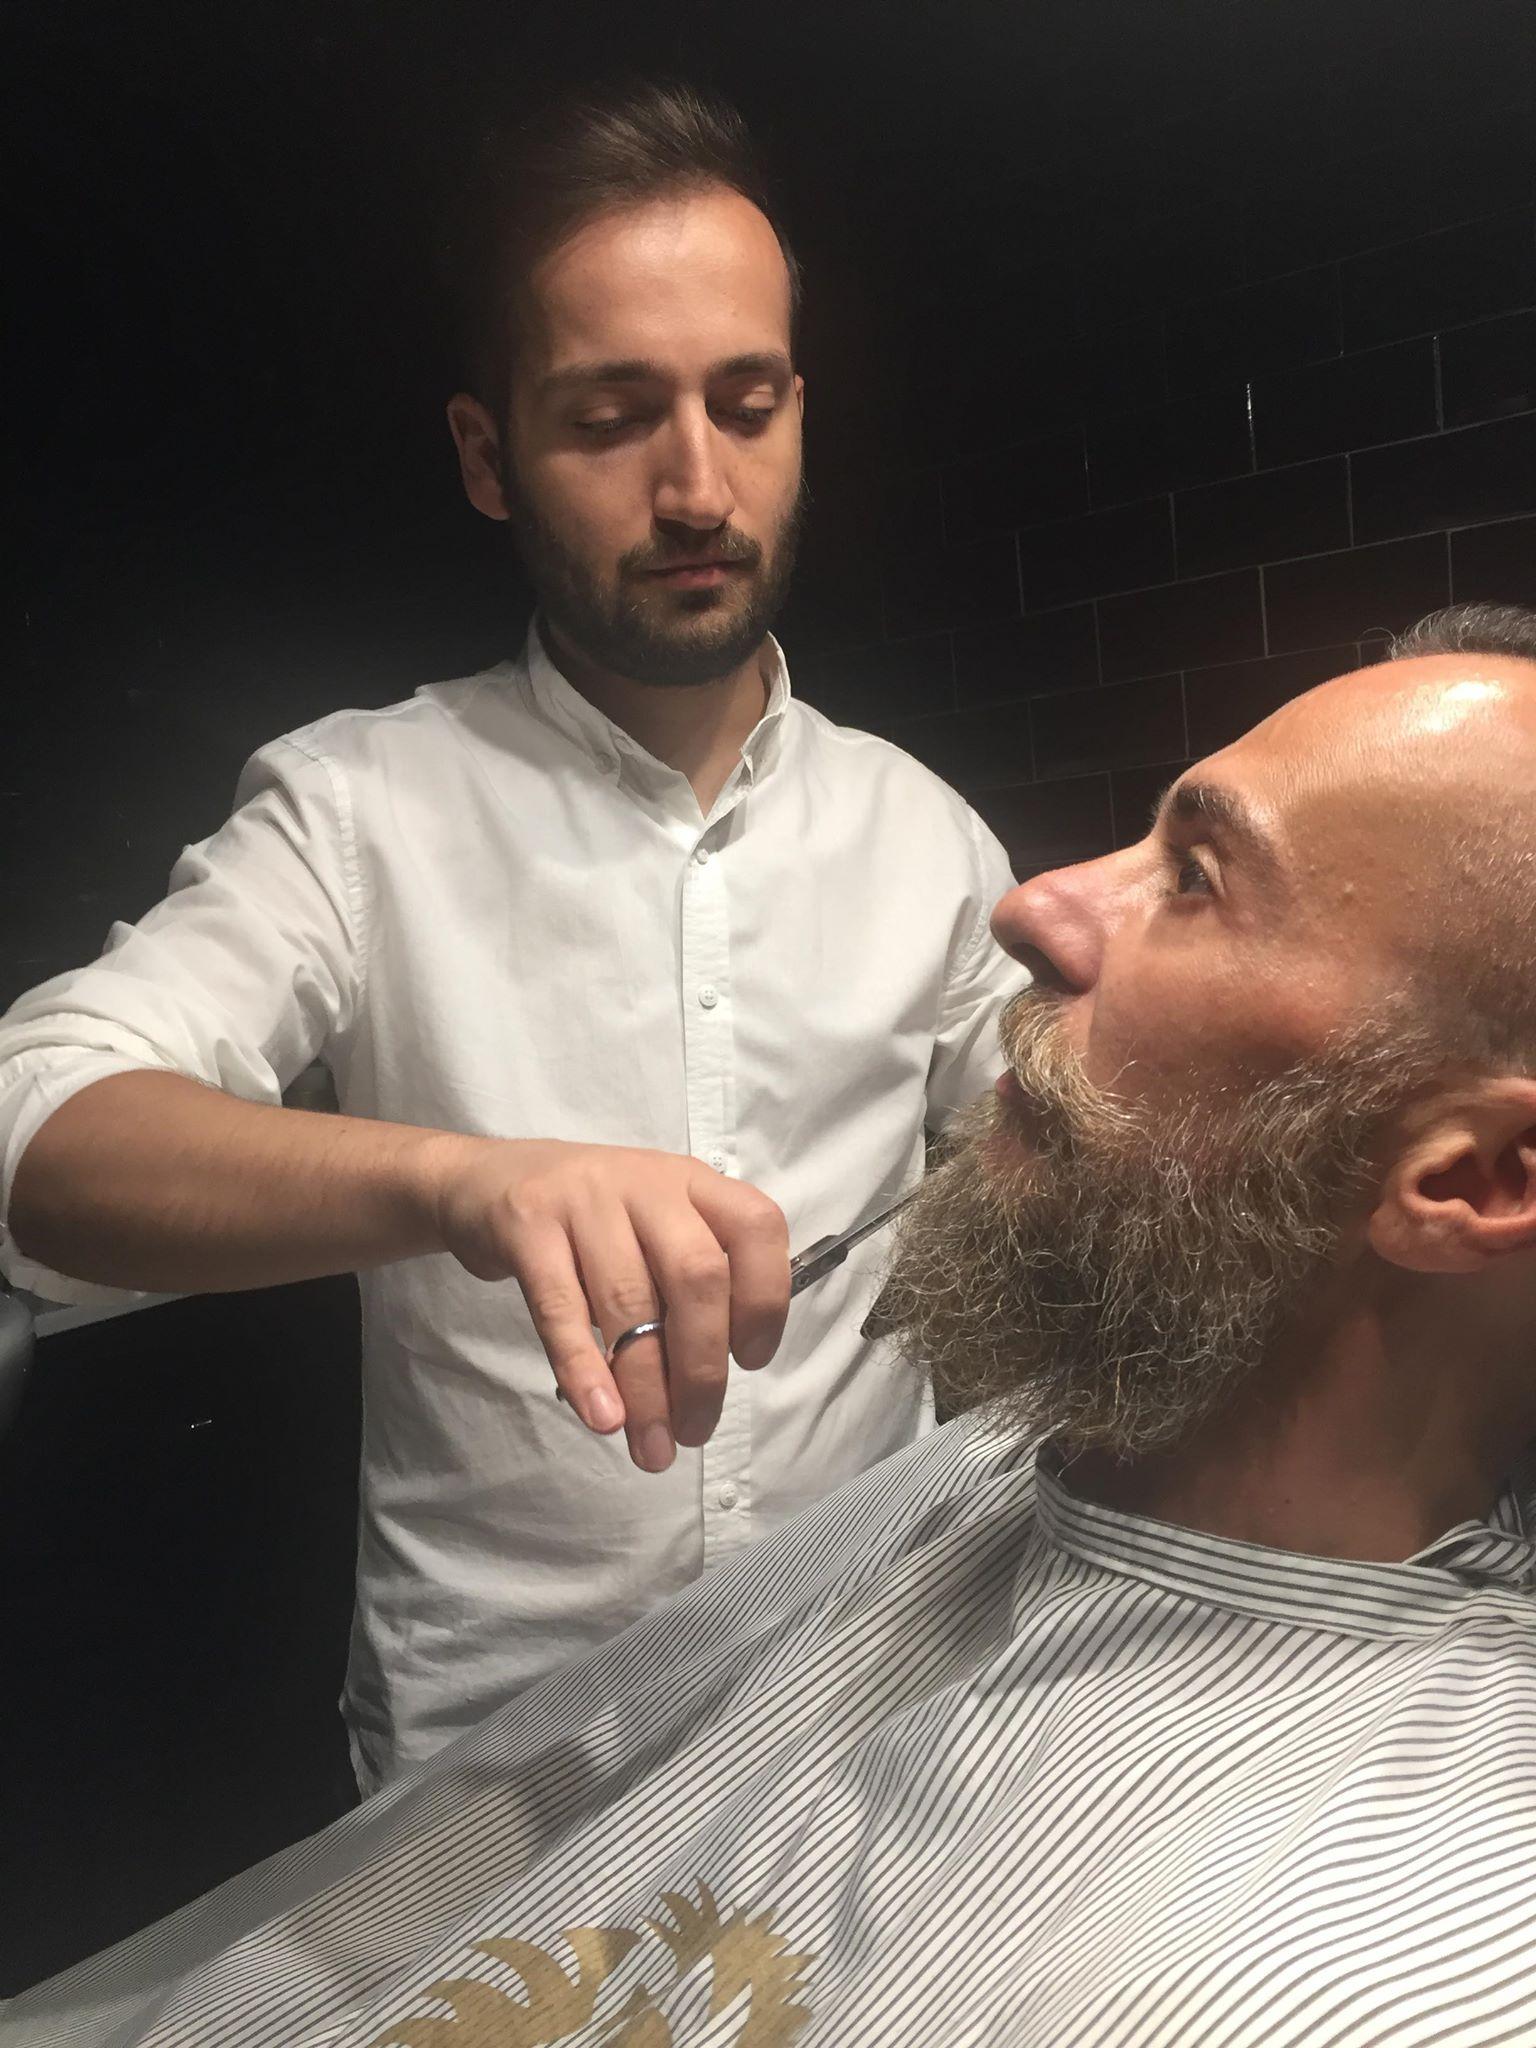 Barbiere Foggia